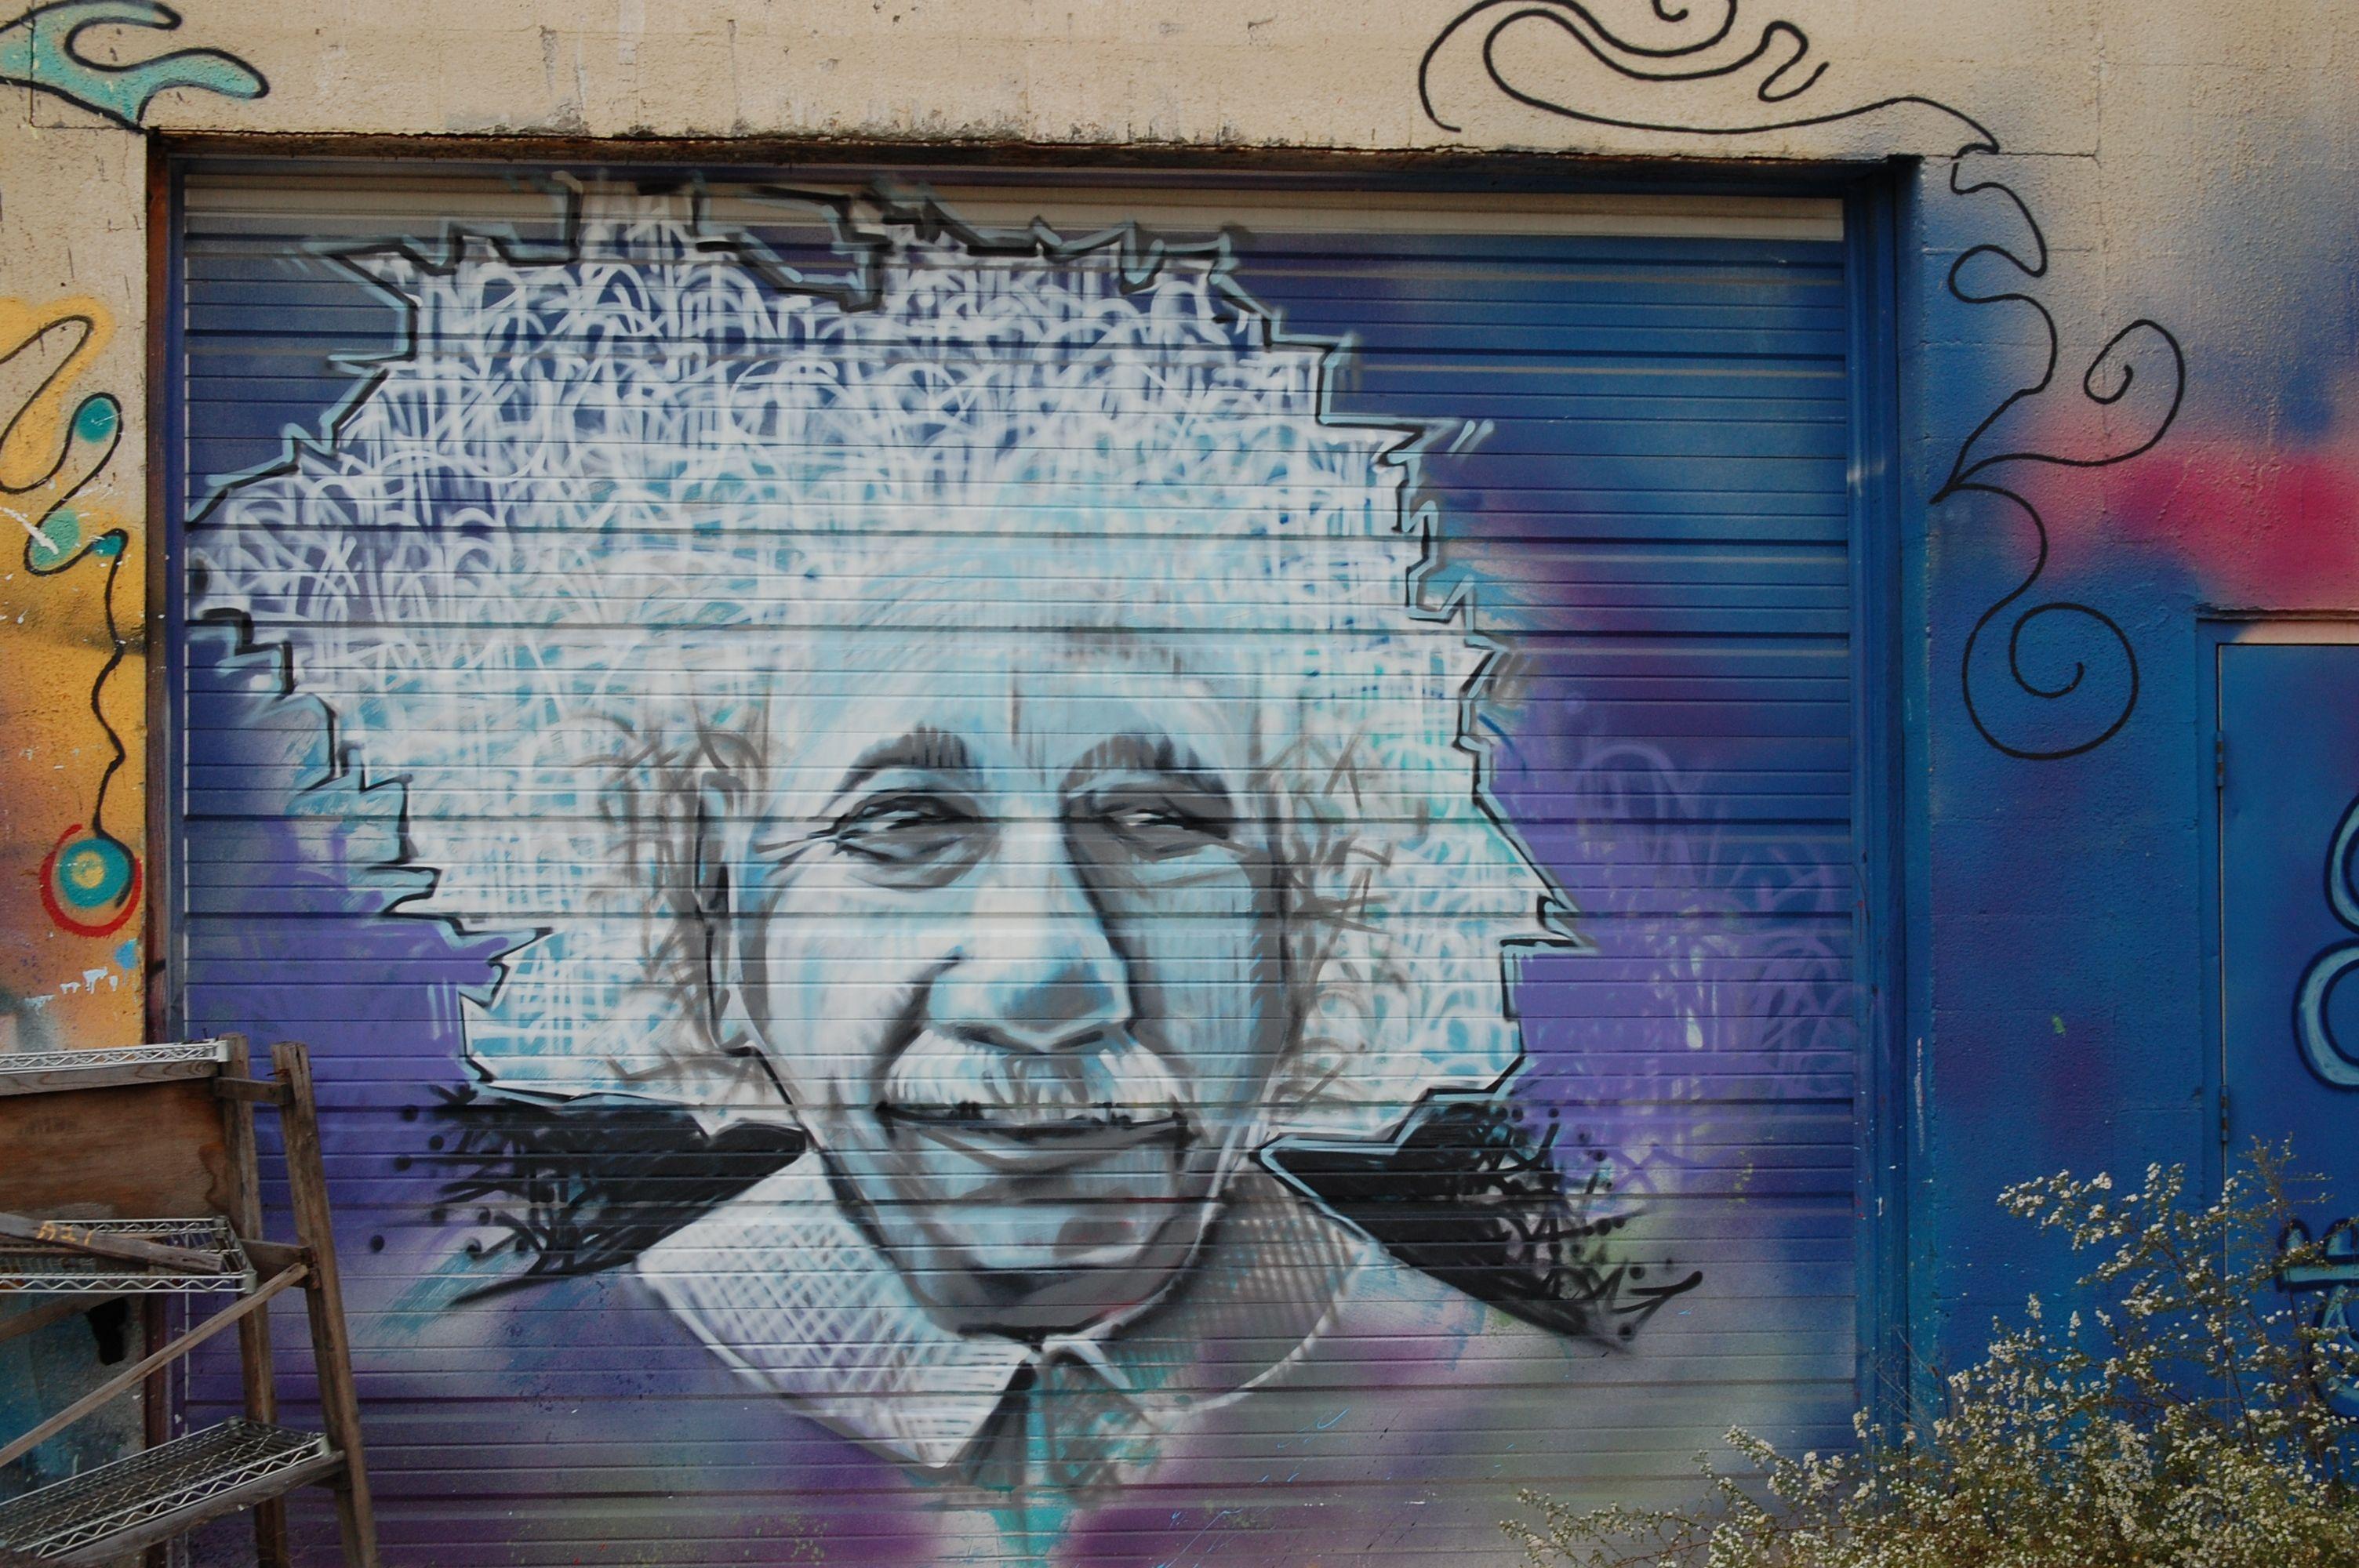 Einstein Wall Graffiti In Lexington Kentucky Wall Art Art Graffiti